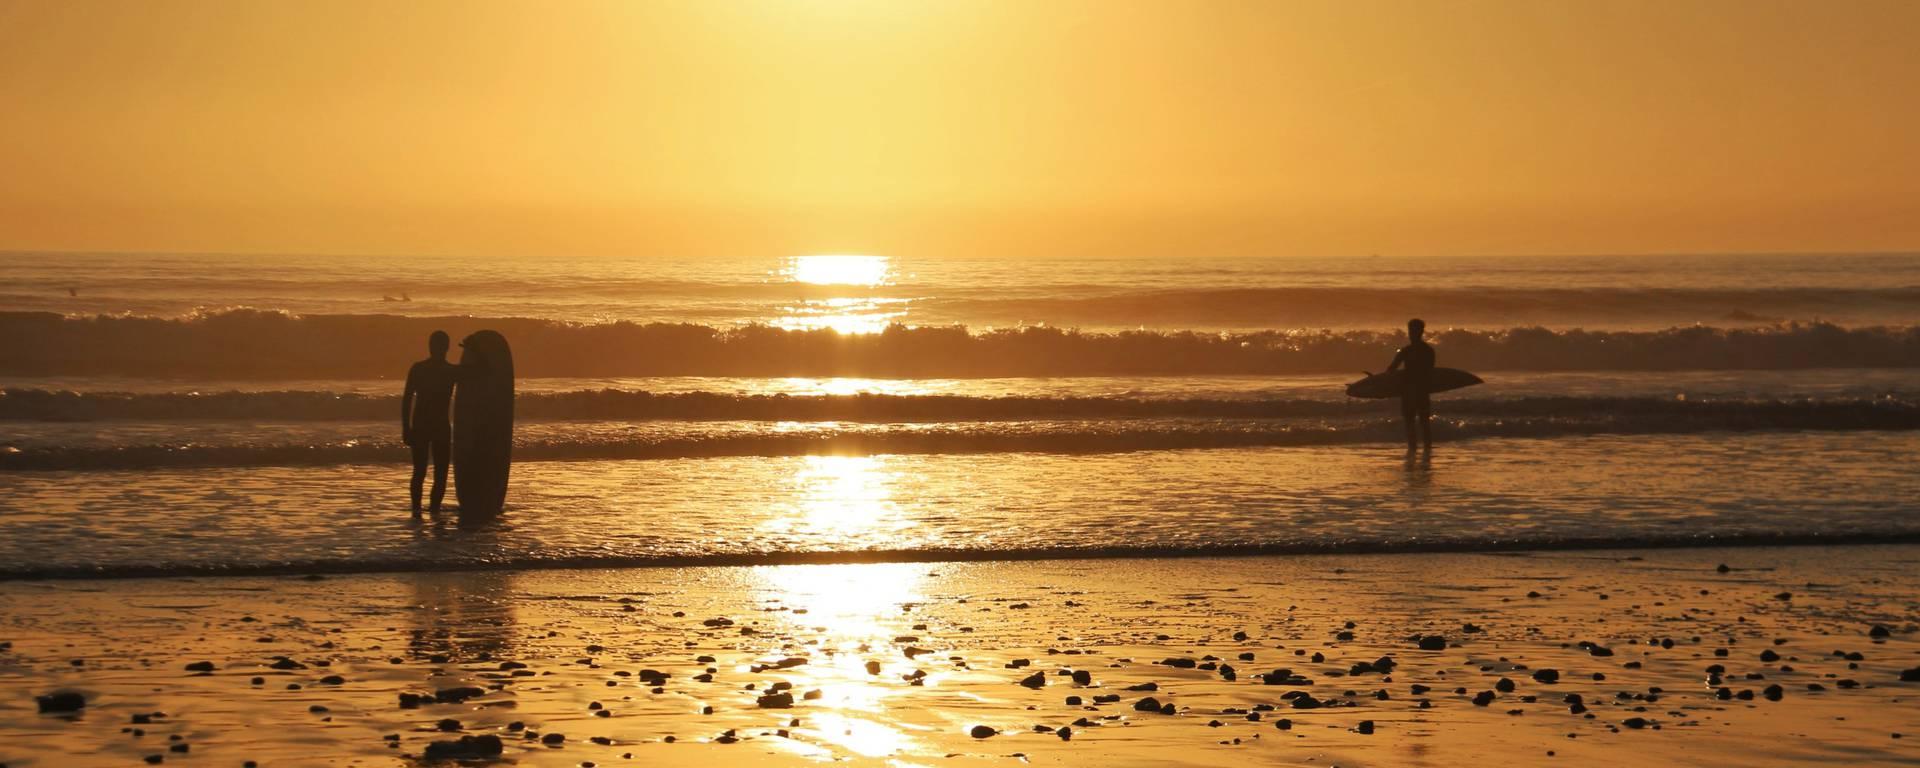 Surfeur au coucher de soleil par lesley Williamson